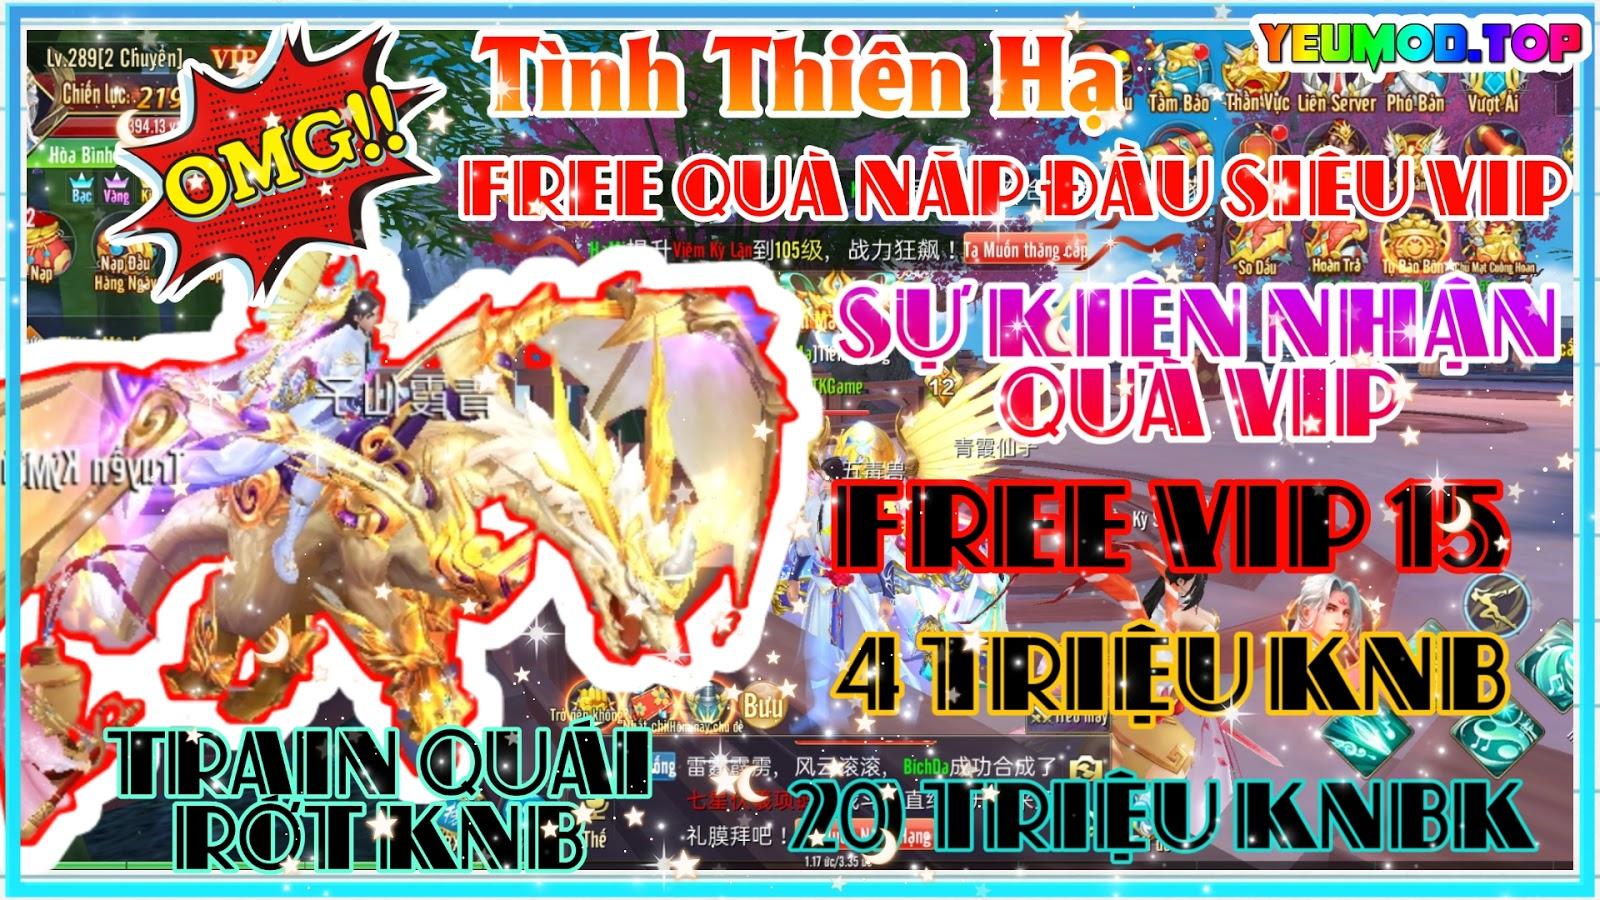 Tình Thiên Hạ Private Việt Hóa | Free VIP 15 | 4000000 KNB | 20000000 KNBK | Tặng Quà Nạp Đầu Siêu VIP | Train Quái Rớt KNB